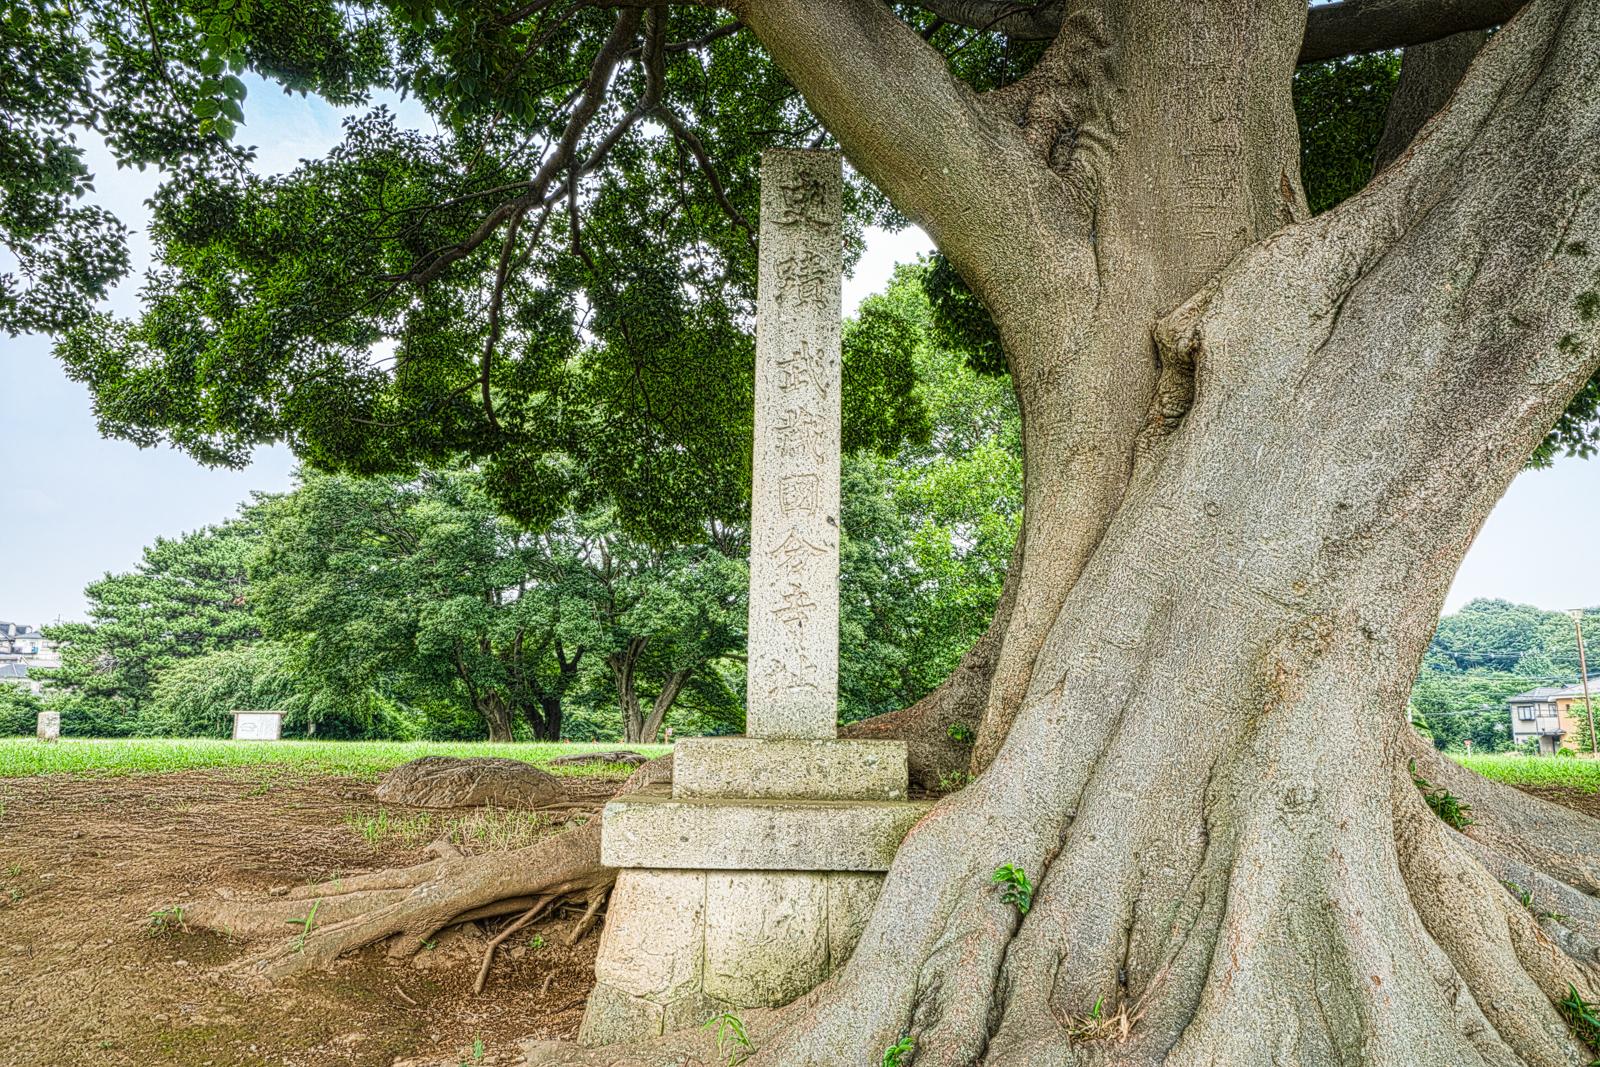 金堂跡前に建つ武蔵国分寺跡石碑の写真